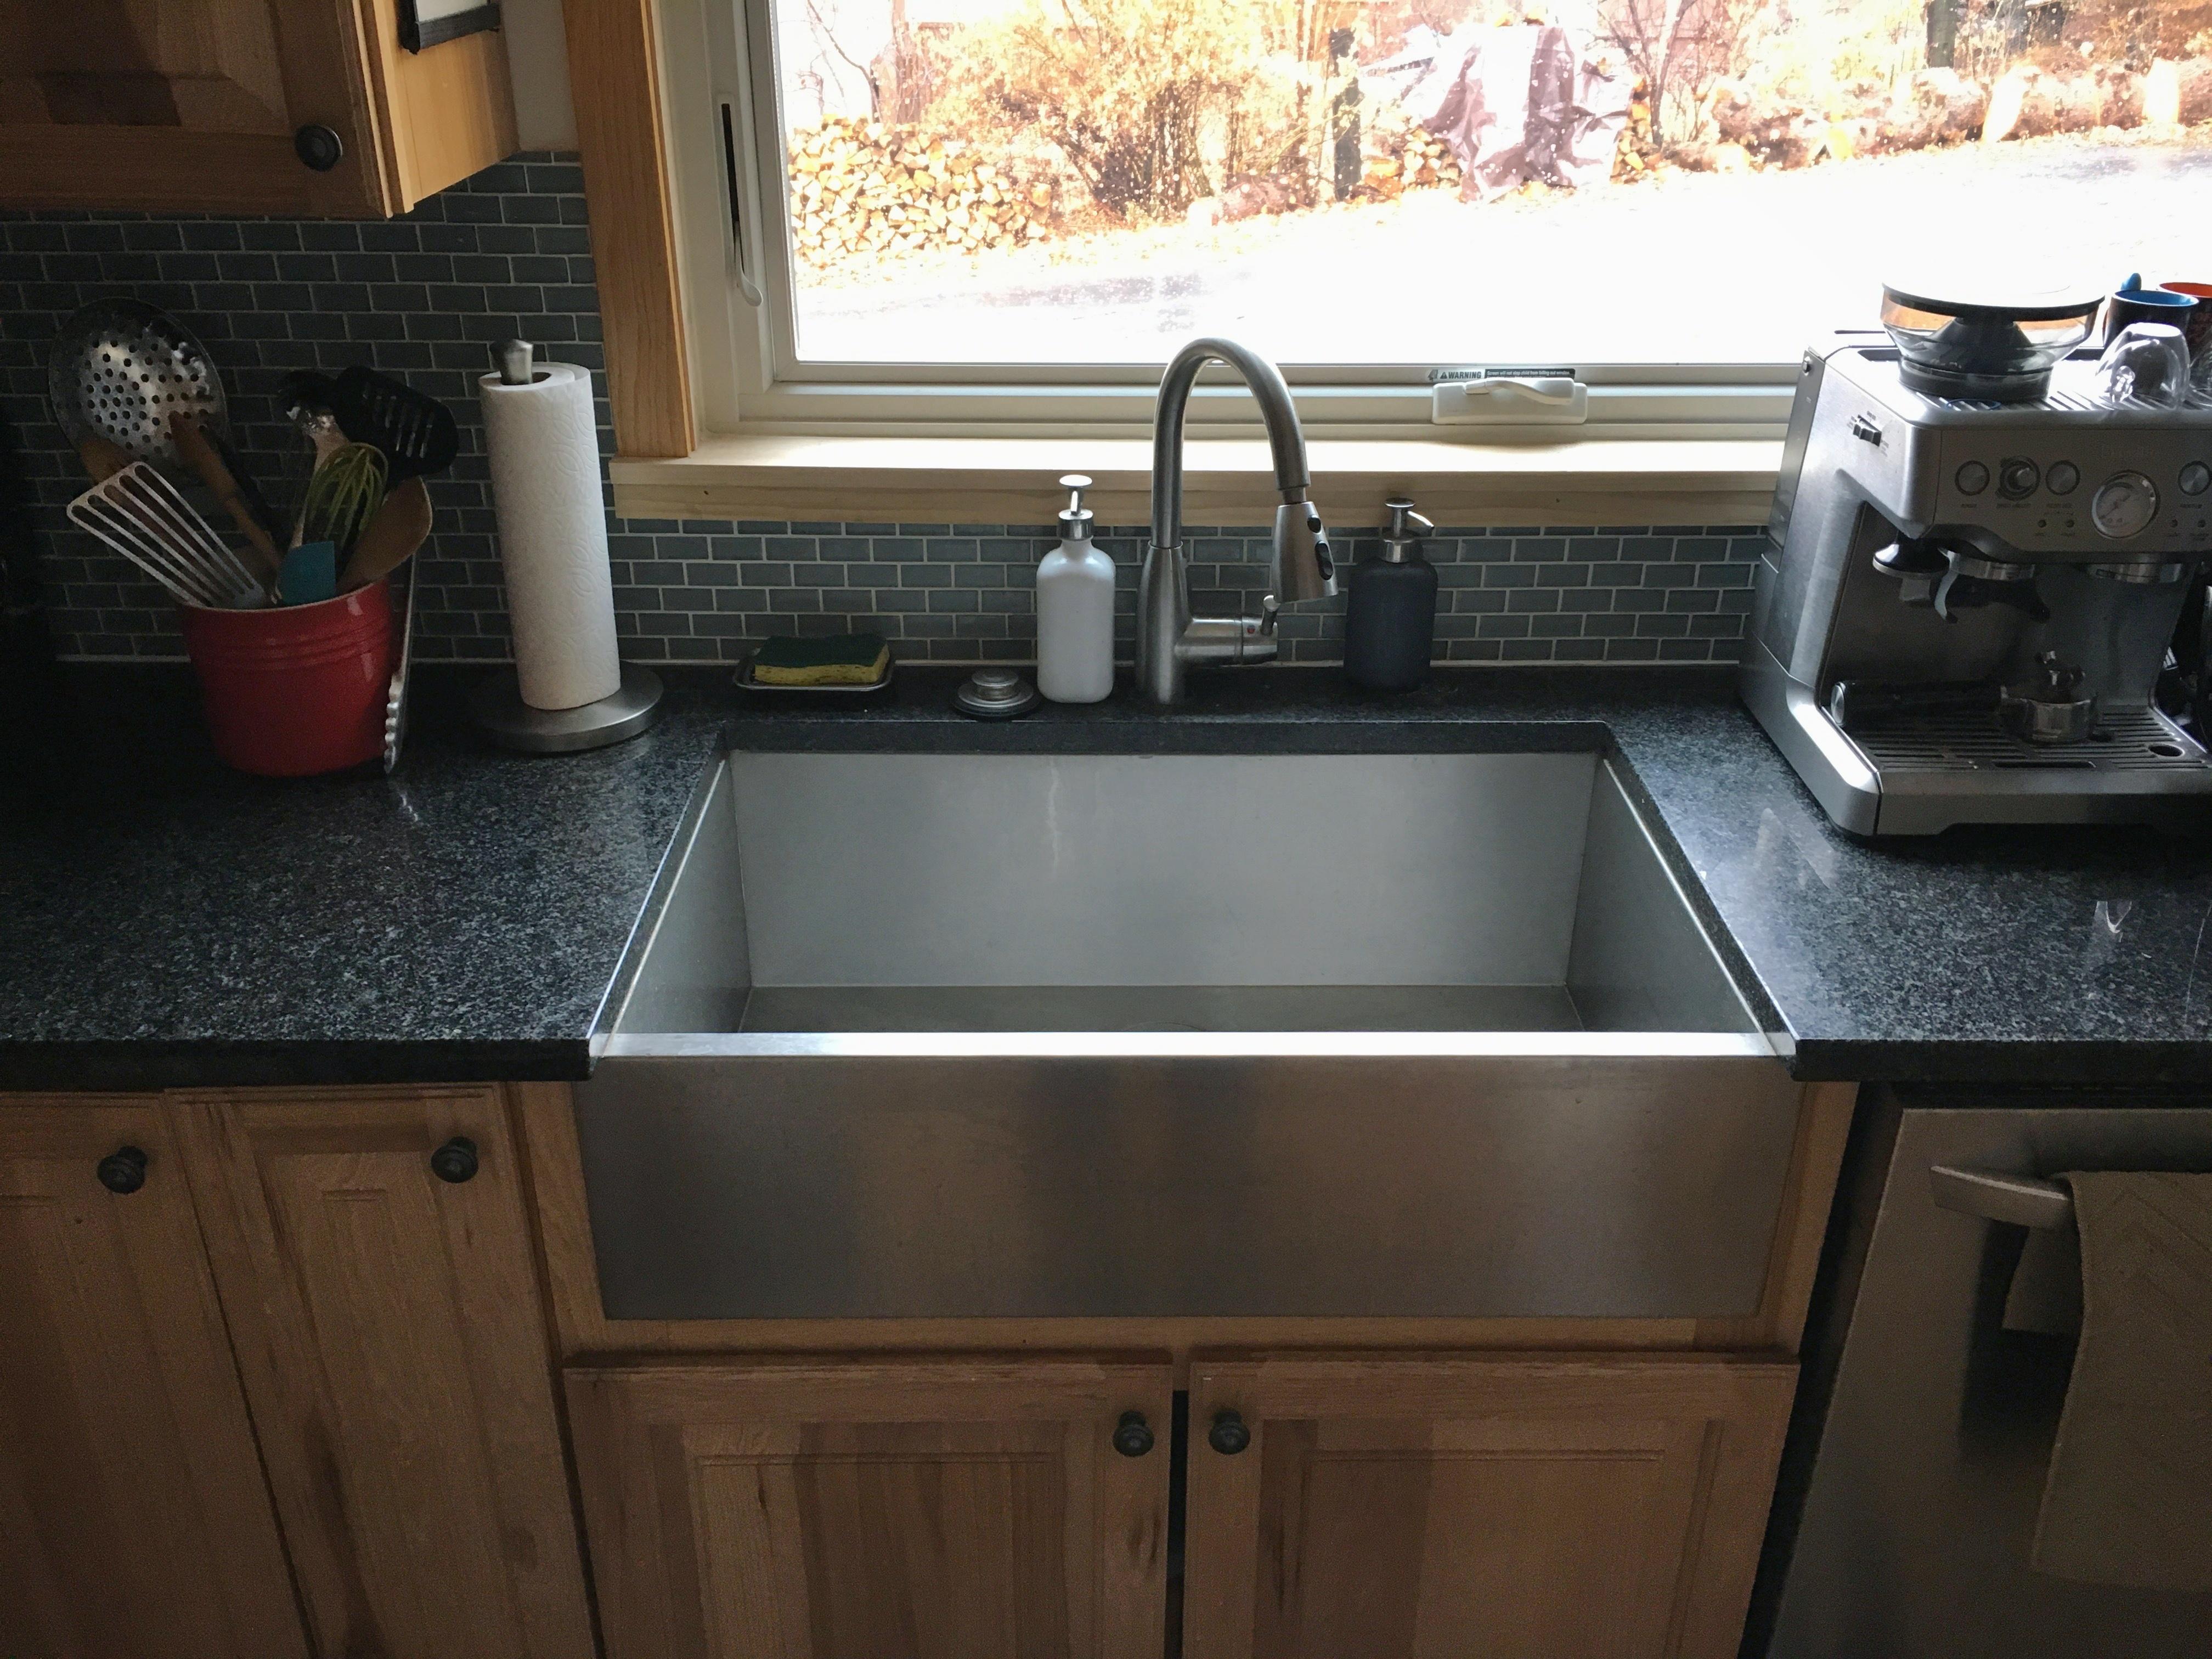 Farmhouse Kitchen Sink White Single Bowl Fireclay With